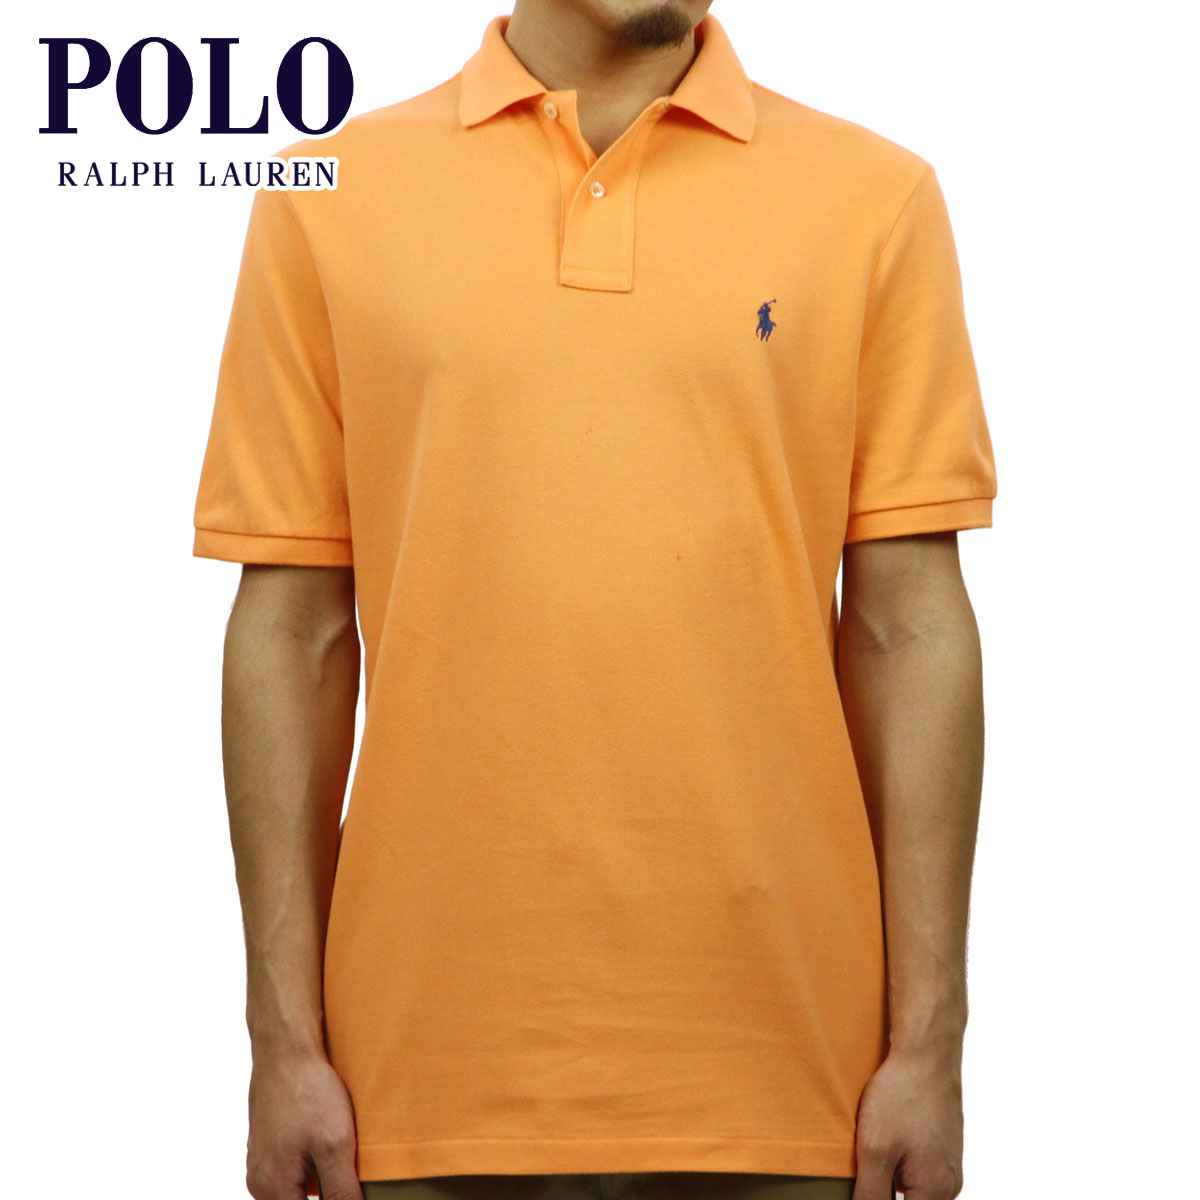 ポロ ラルフローレン POLO RALPH LAUREN 正規品 メンズ 半袖ポロシャツ CLASSIC FIT POLO SHIRT